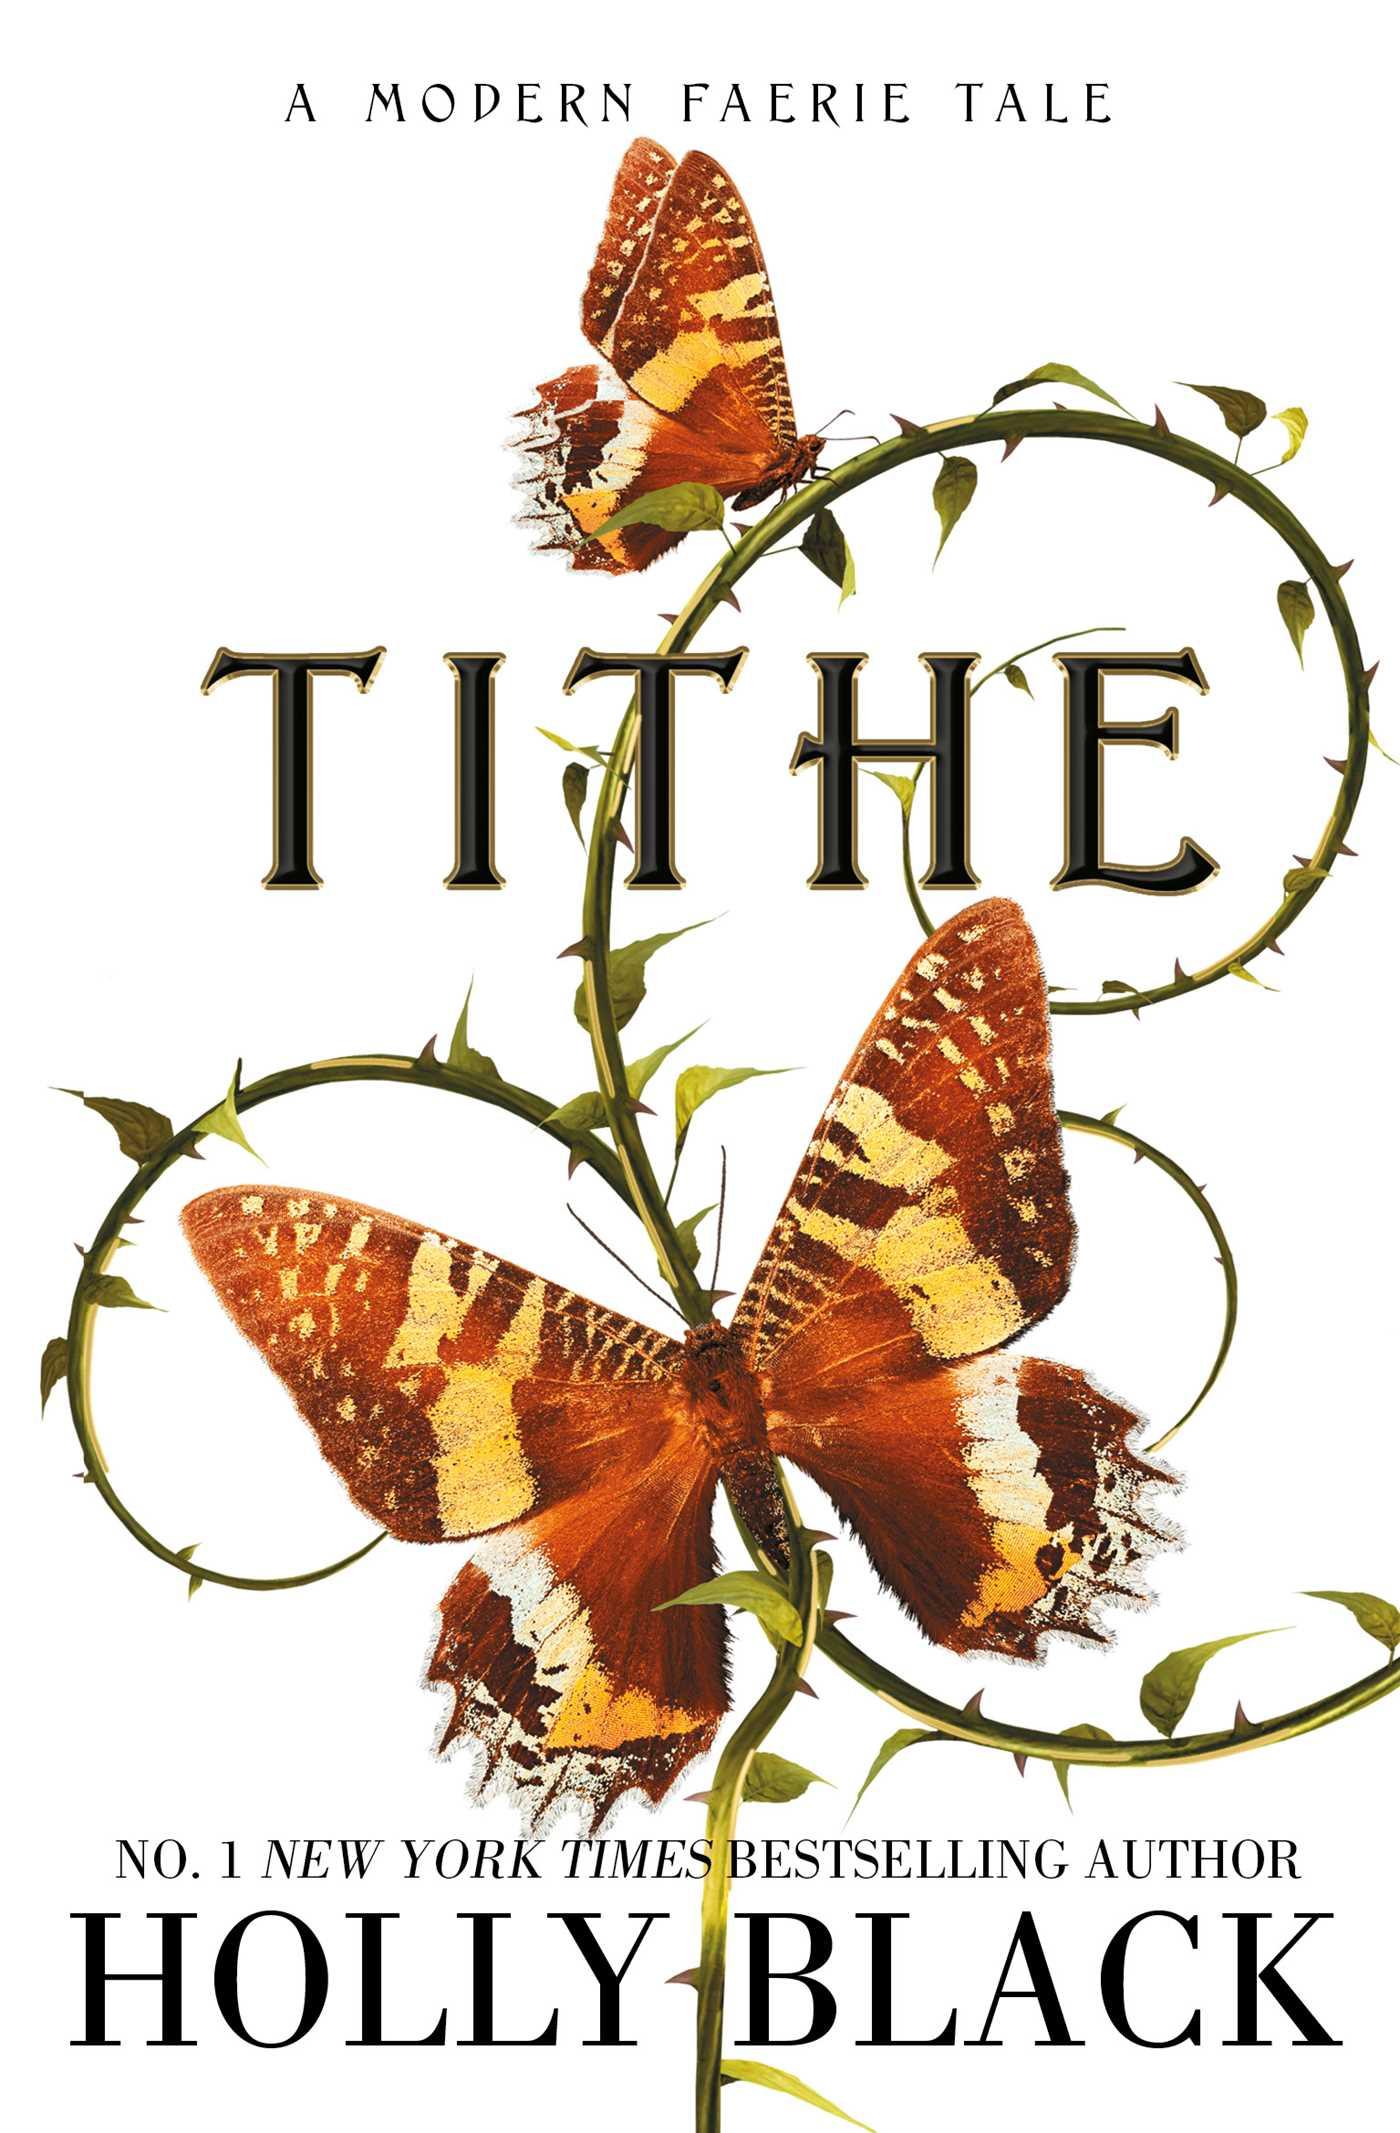 Tithe 9781471116223 hr